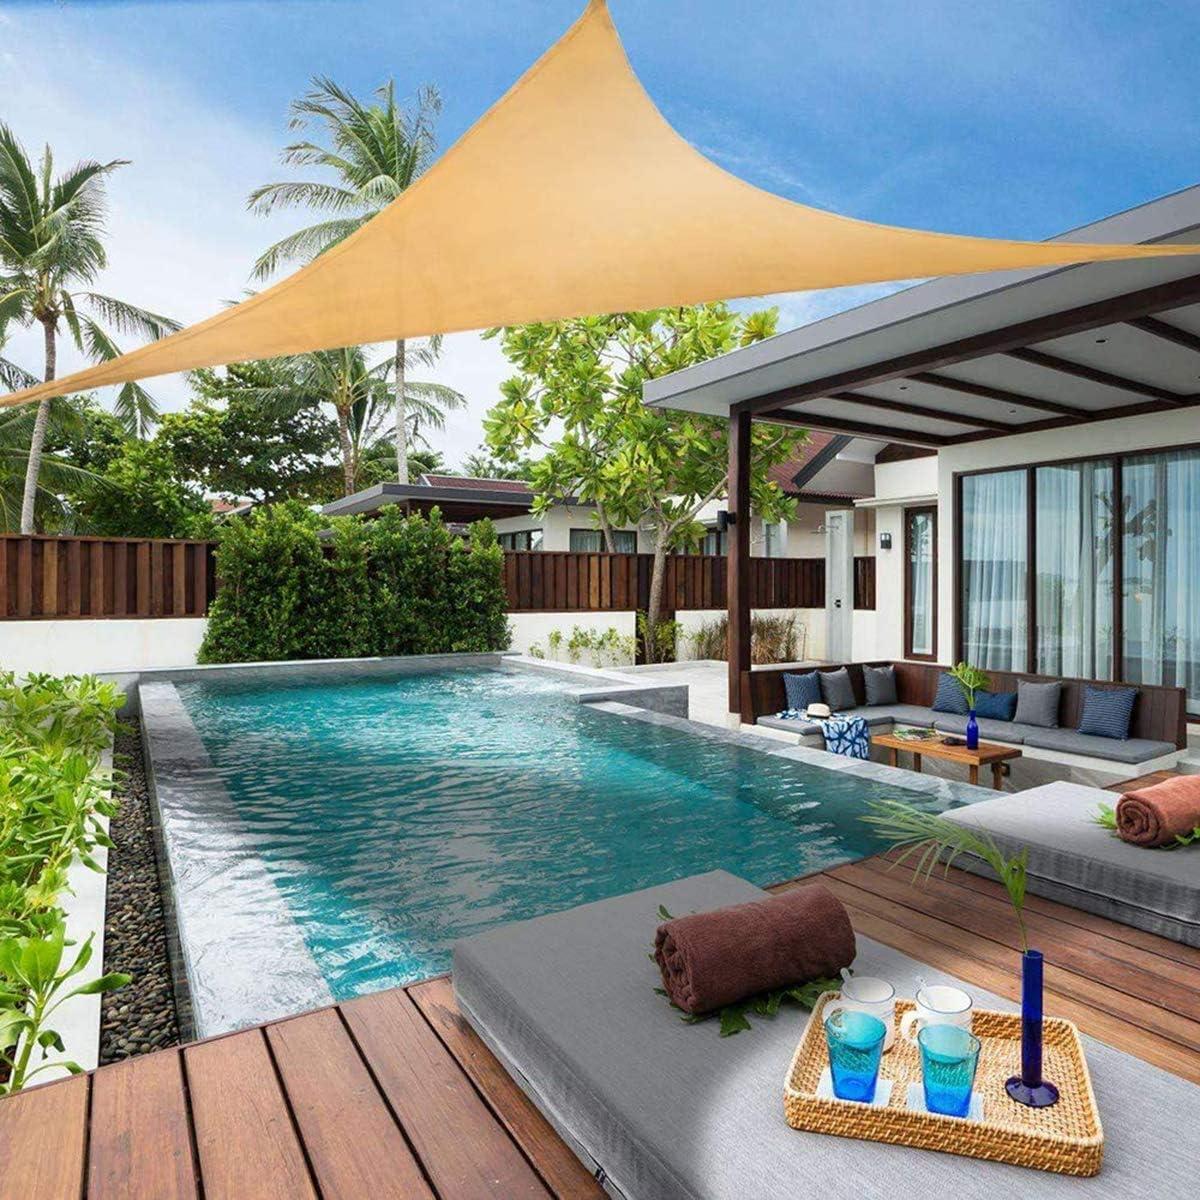 Beige Toldo Vela de Sombra 2x2m Vela Sombra Impermeable Exteriores Accesorios de MontajeTodo Inclu/ído para Jardin Terraza Patio Gris